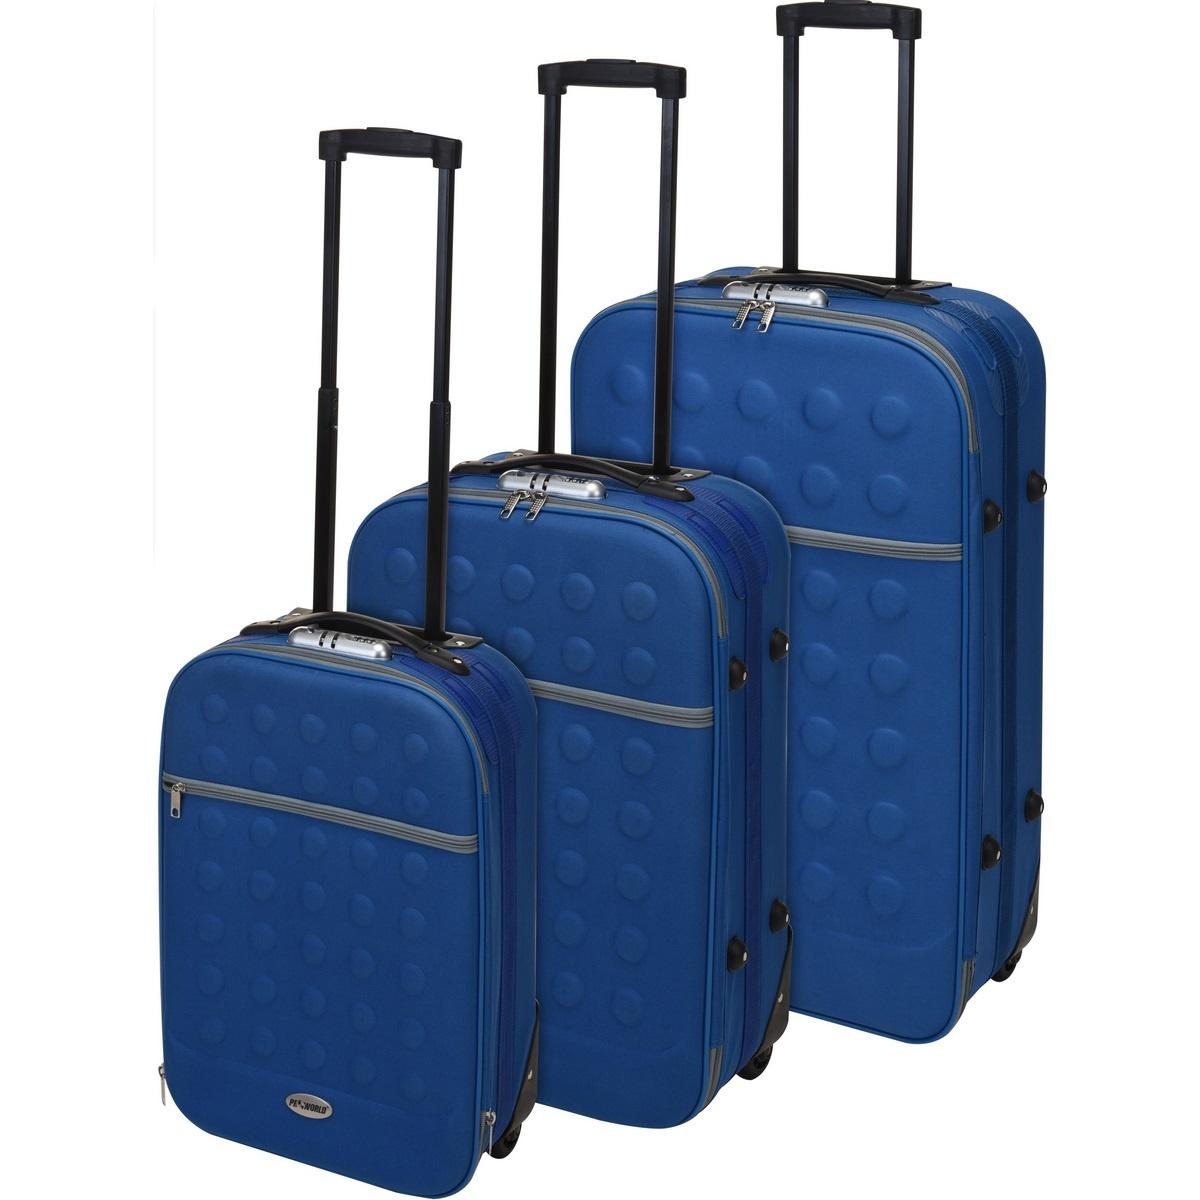 Koopman Sada textilních kufrů na kolečkách 3 ks, modrá